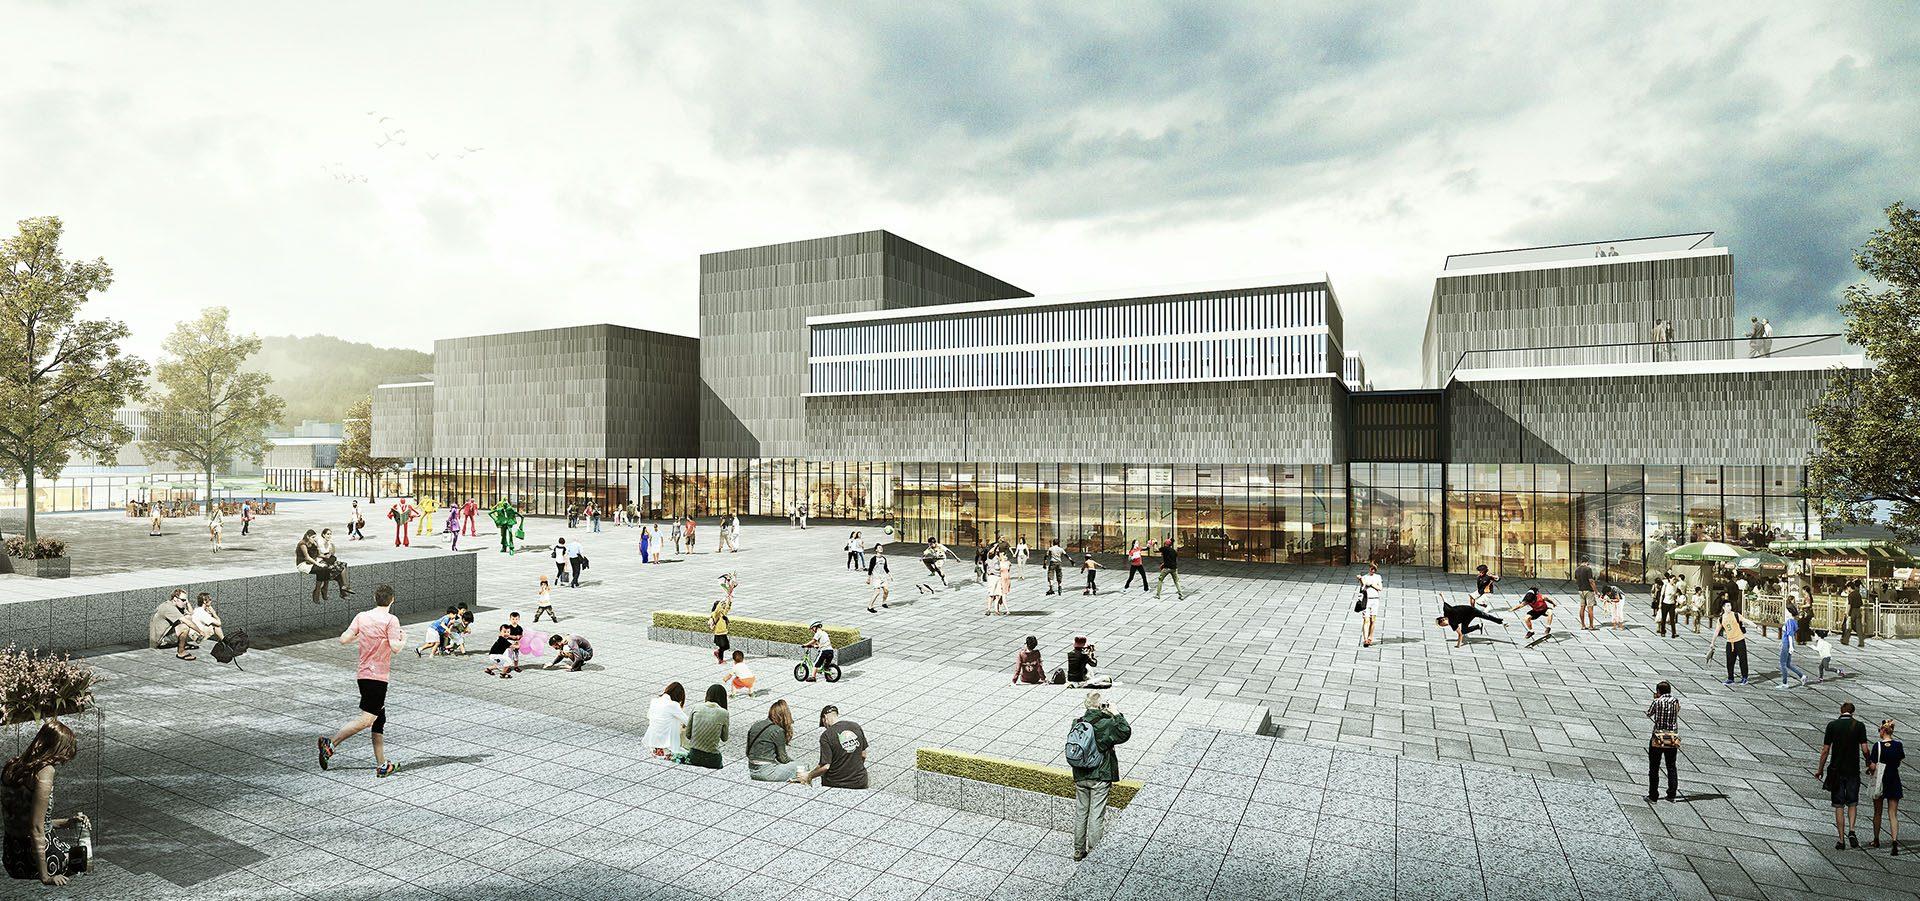 ZESO CHINA / Xianzhou Cultural Center